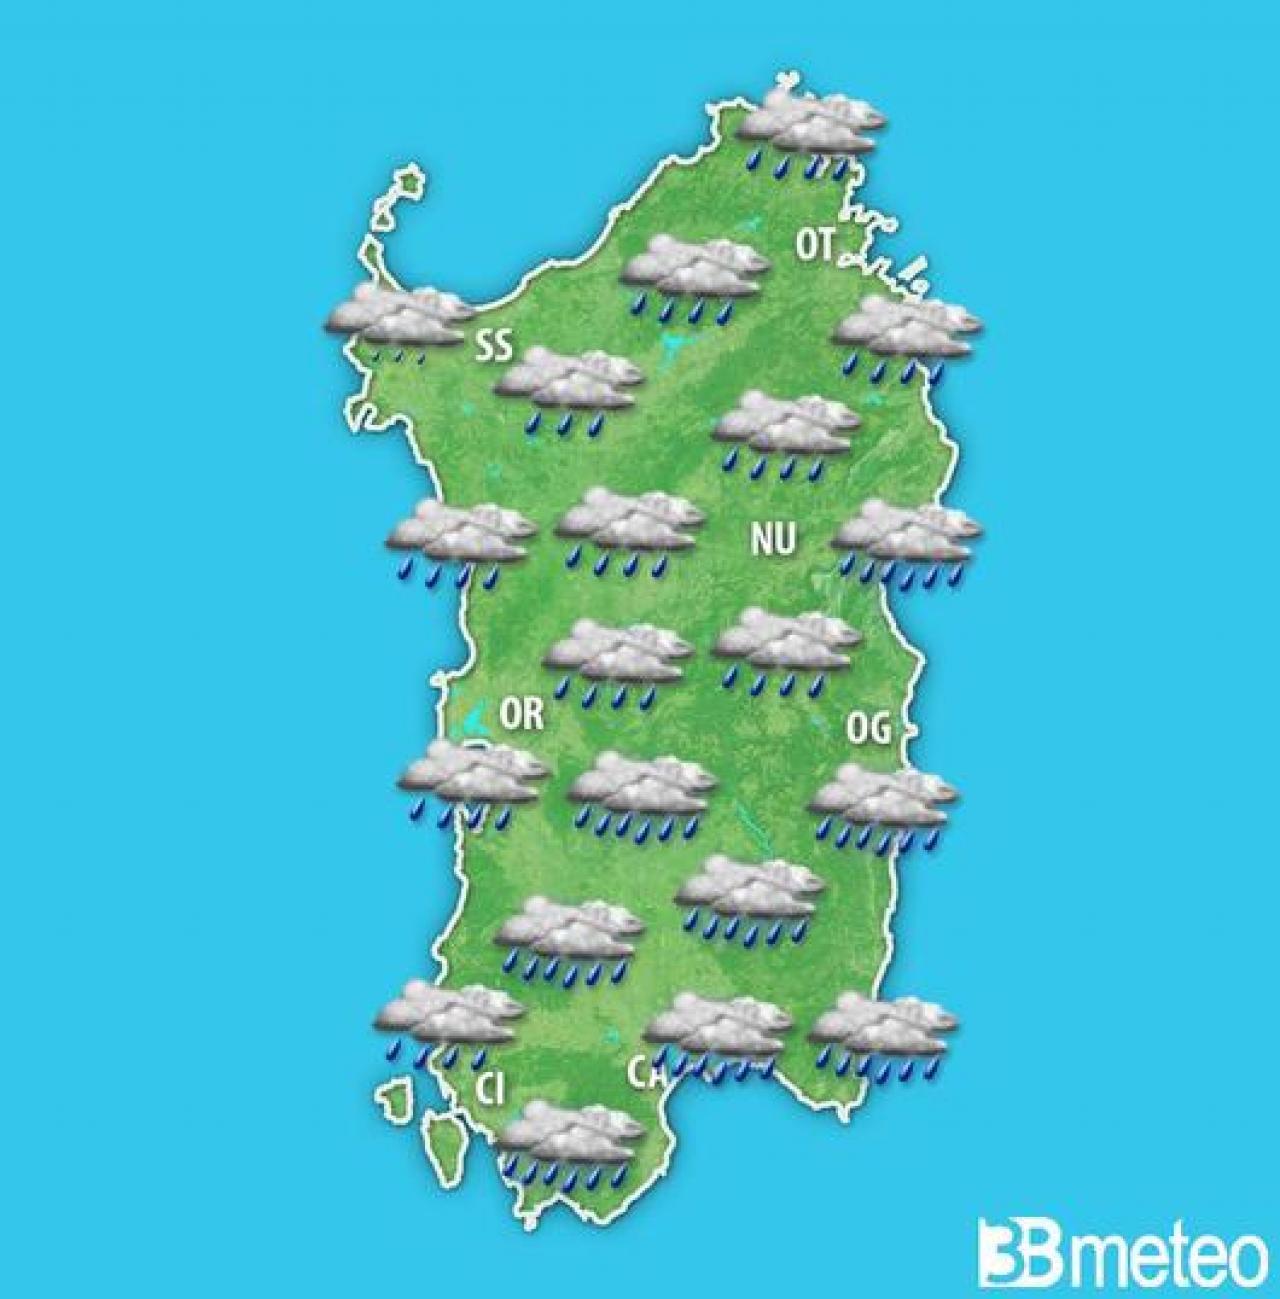 METEO SARDEGNA: nel WEEKEND nuovo MALTEMPO con un VORTICE MEDITERRANEO. Piogge a CAGLIARI